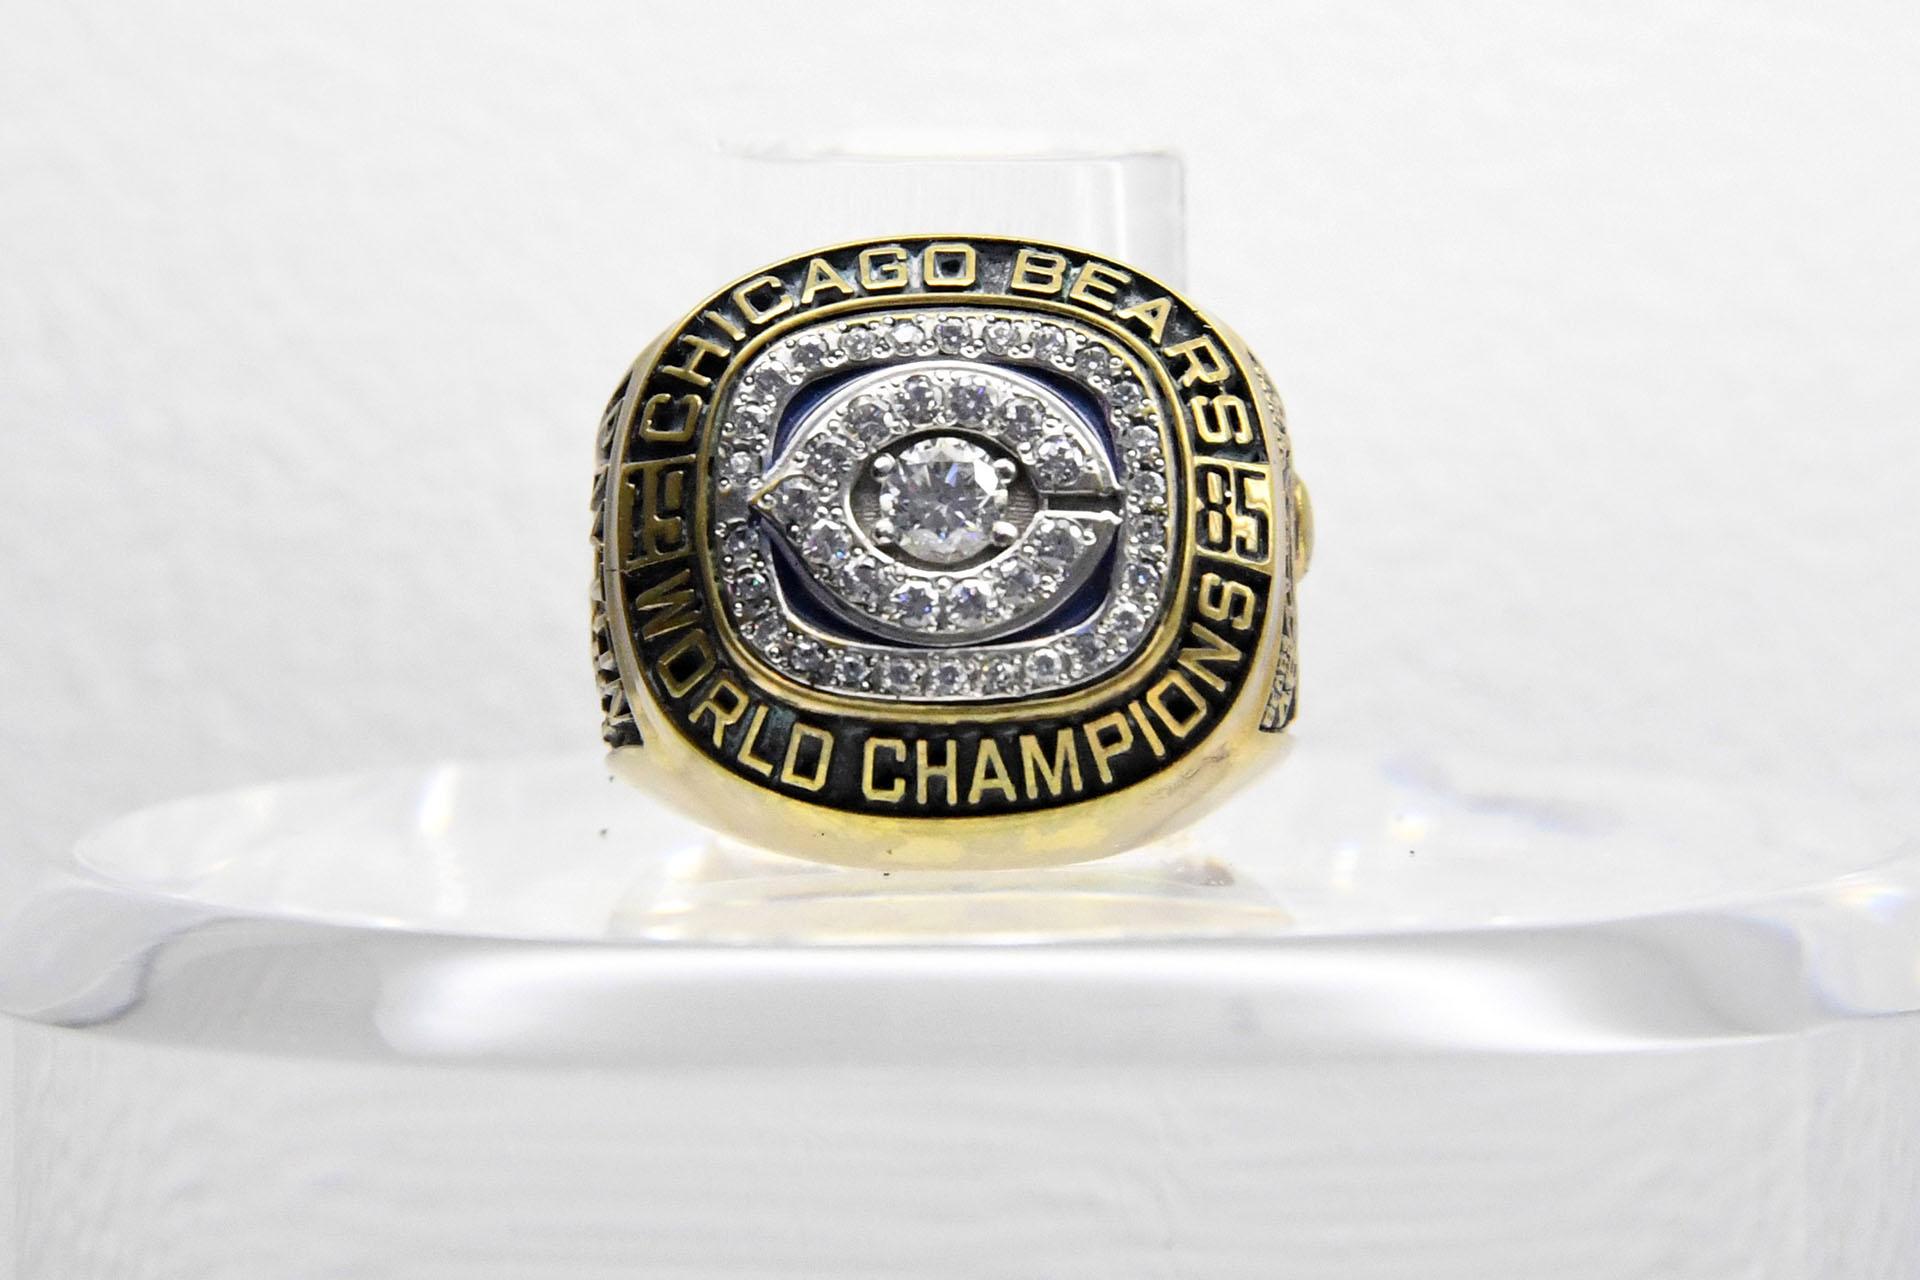 En el Super Bowl XX de 1986 el anillo fue para los Chicago Bears que vencieron 46 a 10 a los New England Patriotsen elSuperdome de New Orleans